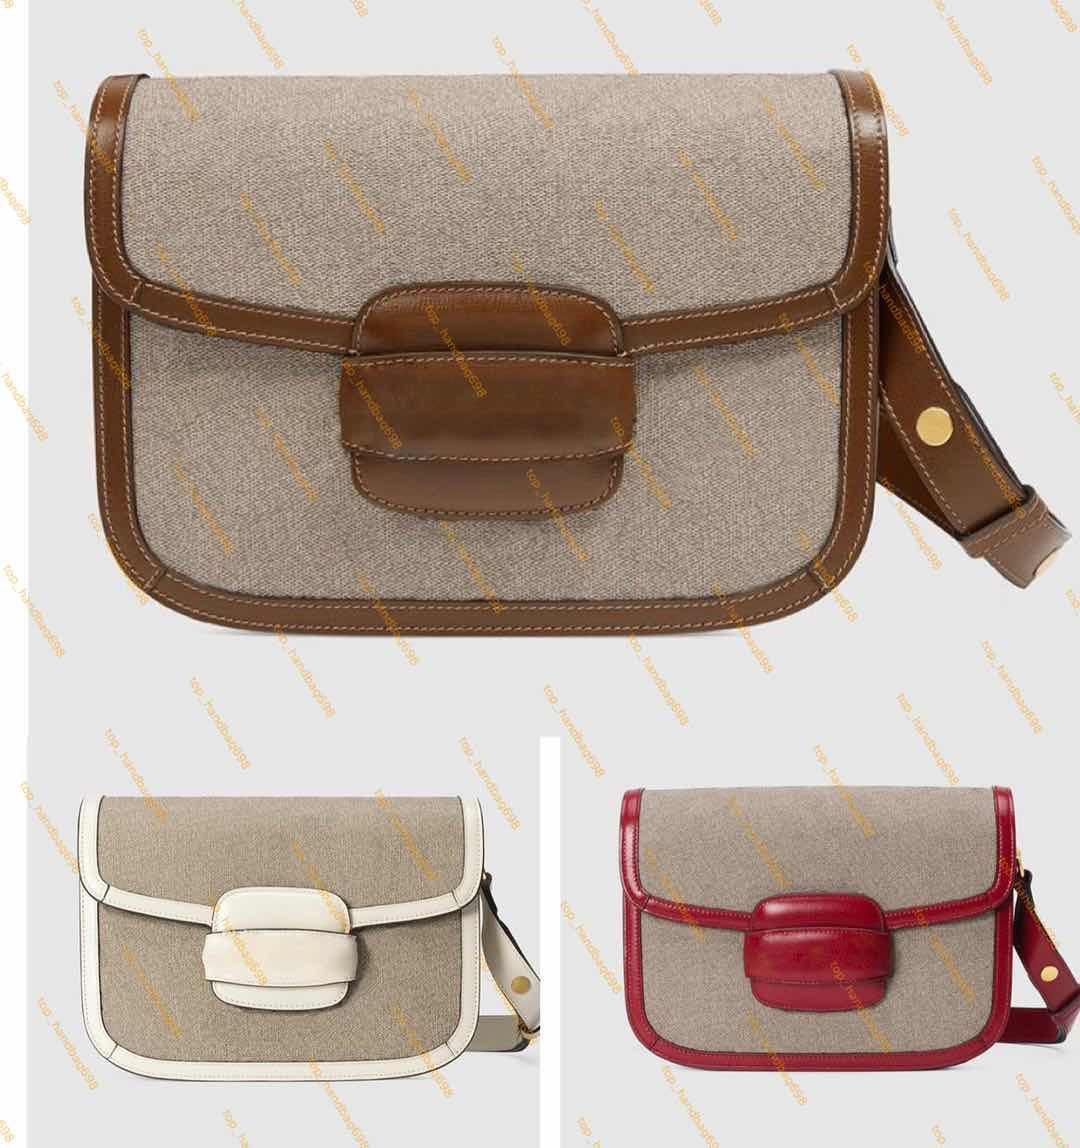 Umhängetaschen Handtasche Dame Nähen Brief aus echtem Leder und PVC-Handtasche Art und Weise Tasche Schultertasche hohe Qualität und große Kapazität